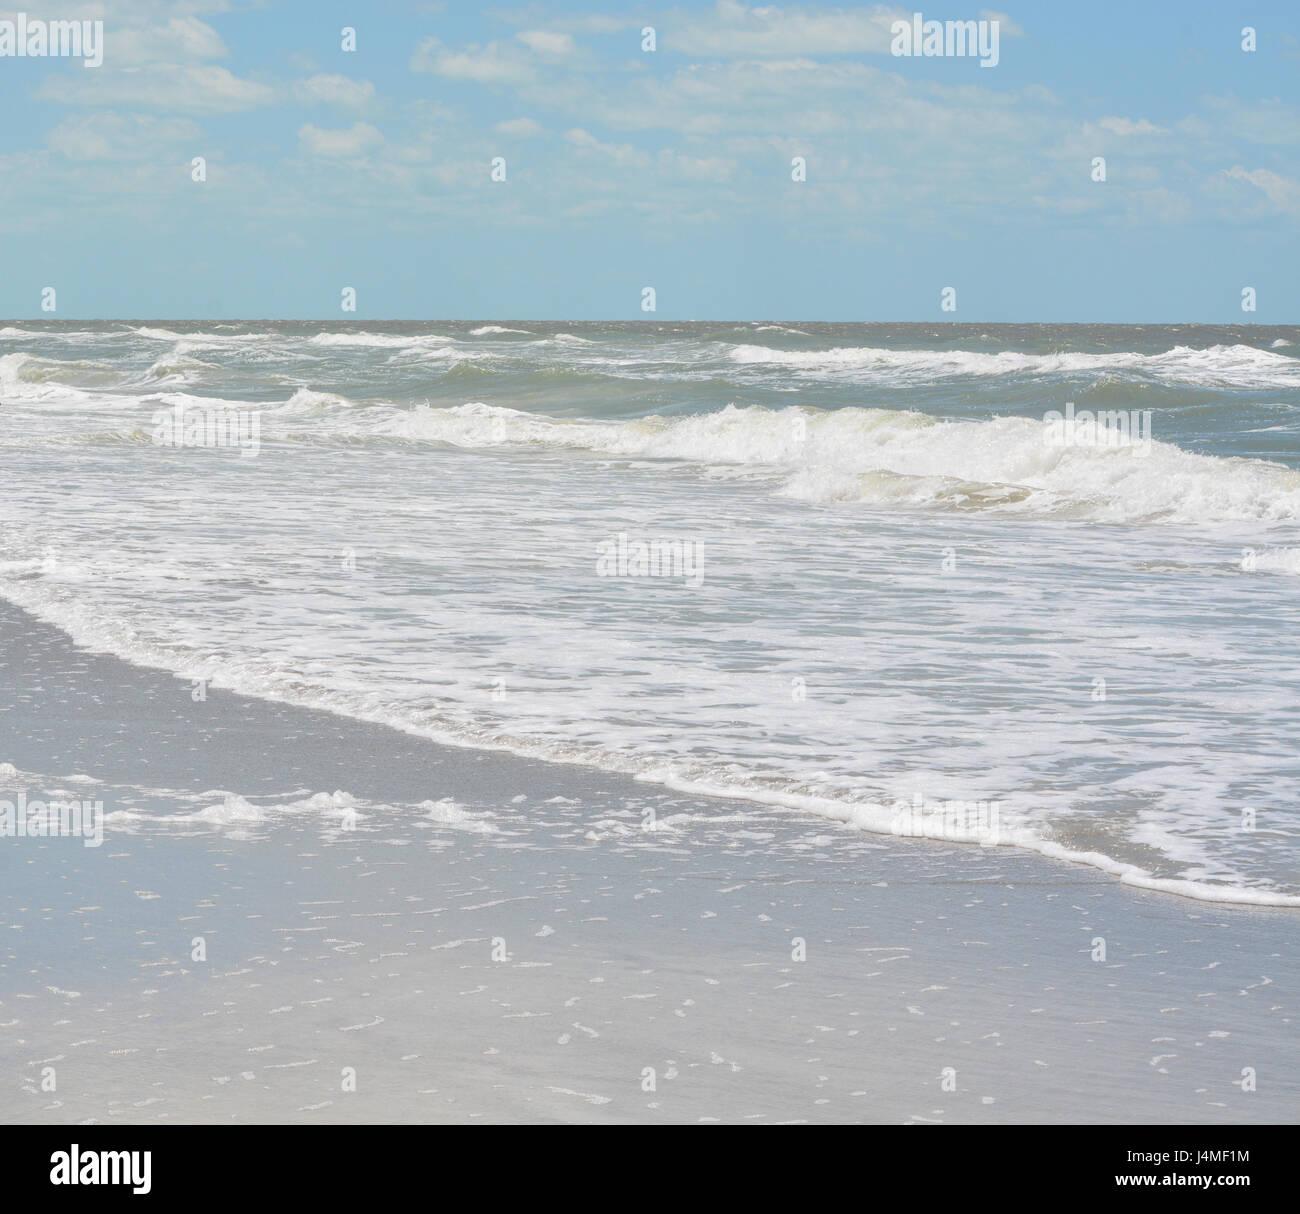 Rough surf à Indian Rocks Beach sur le golfe du Mexique en Floride. Banque D'Images